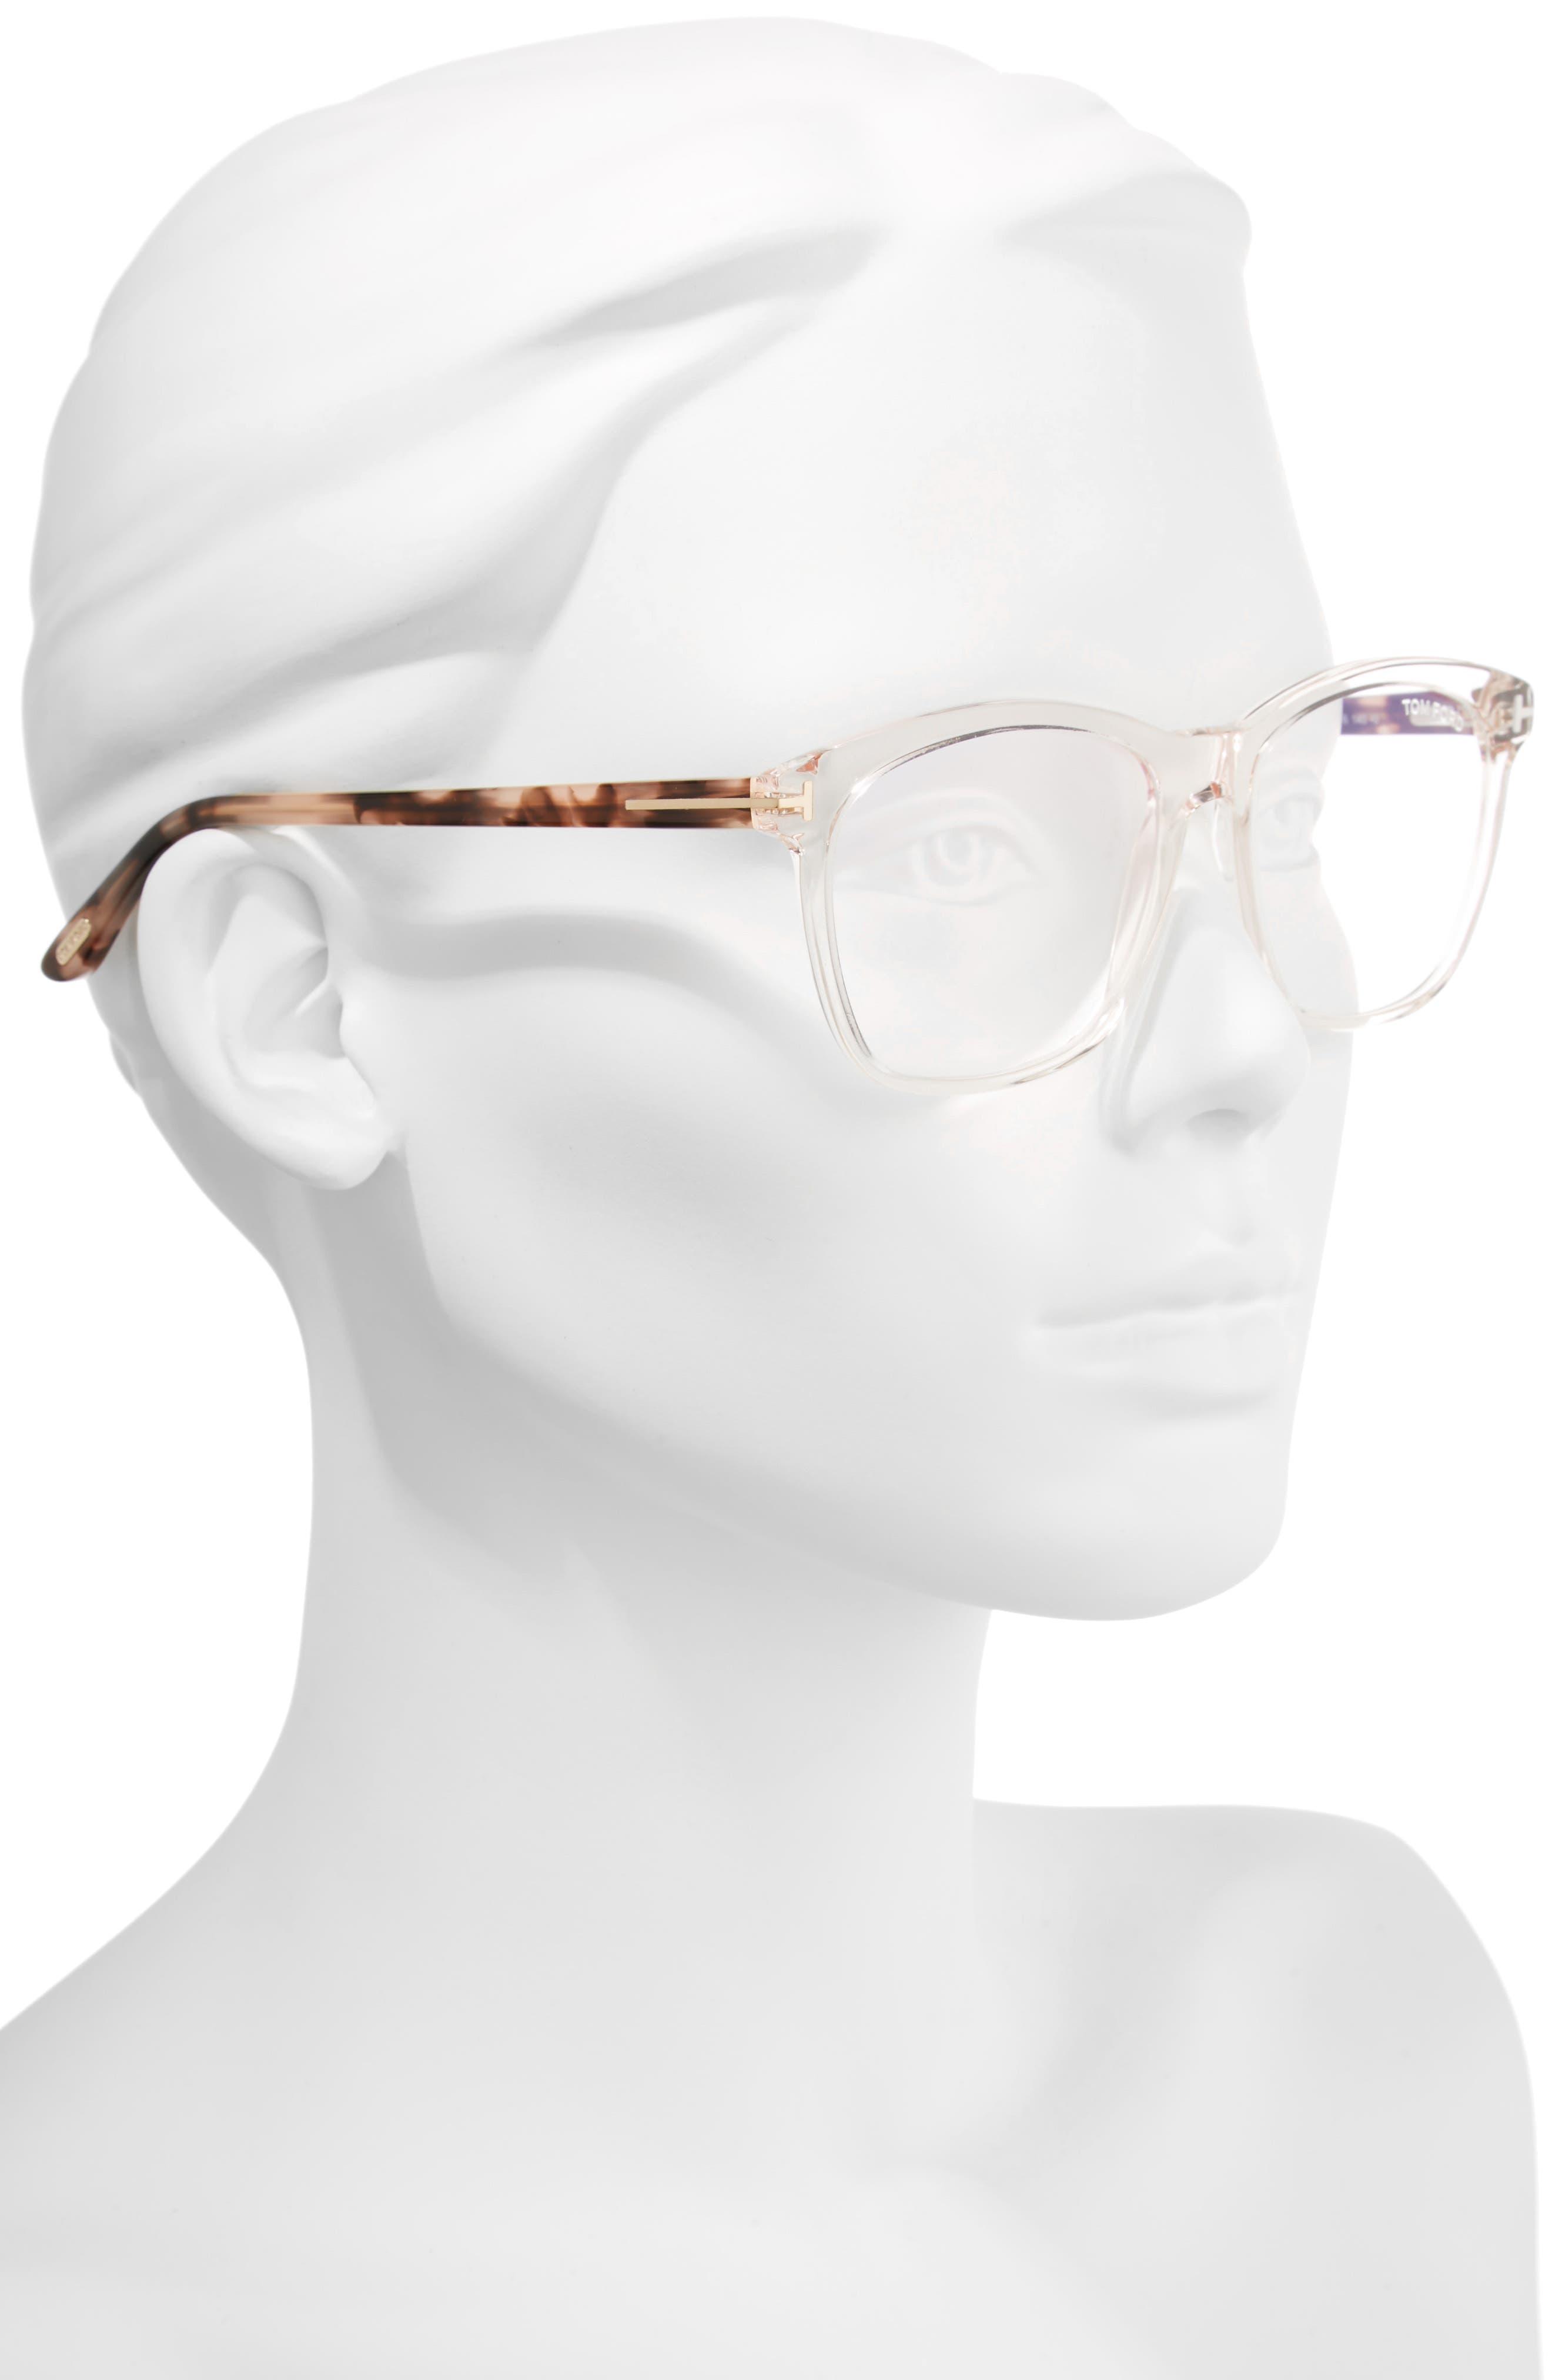 74dc7ca0e64ce Tom Ford Optical Frames   Reading Glasses